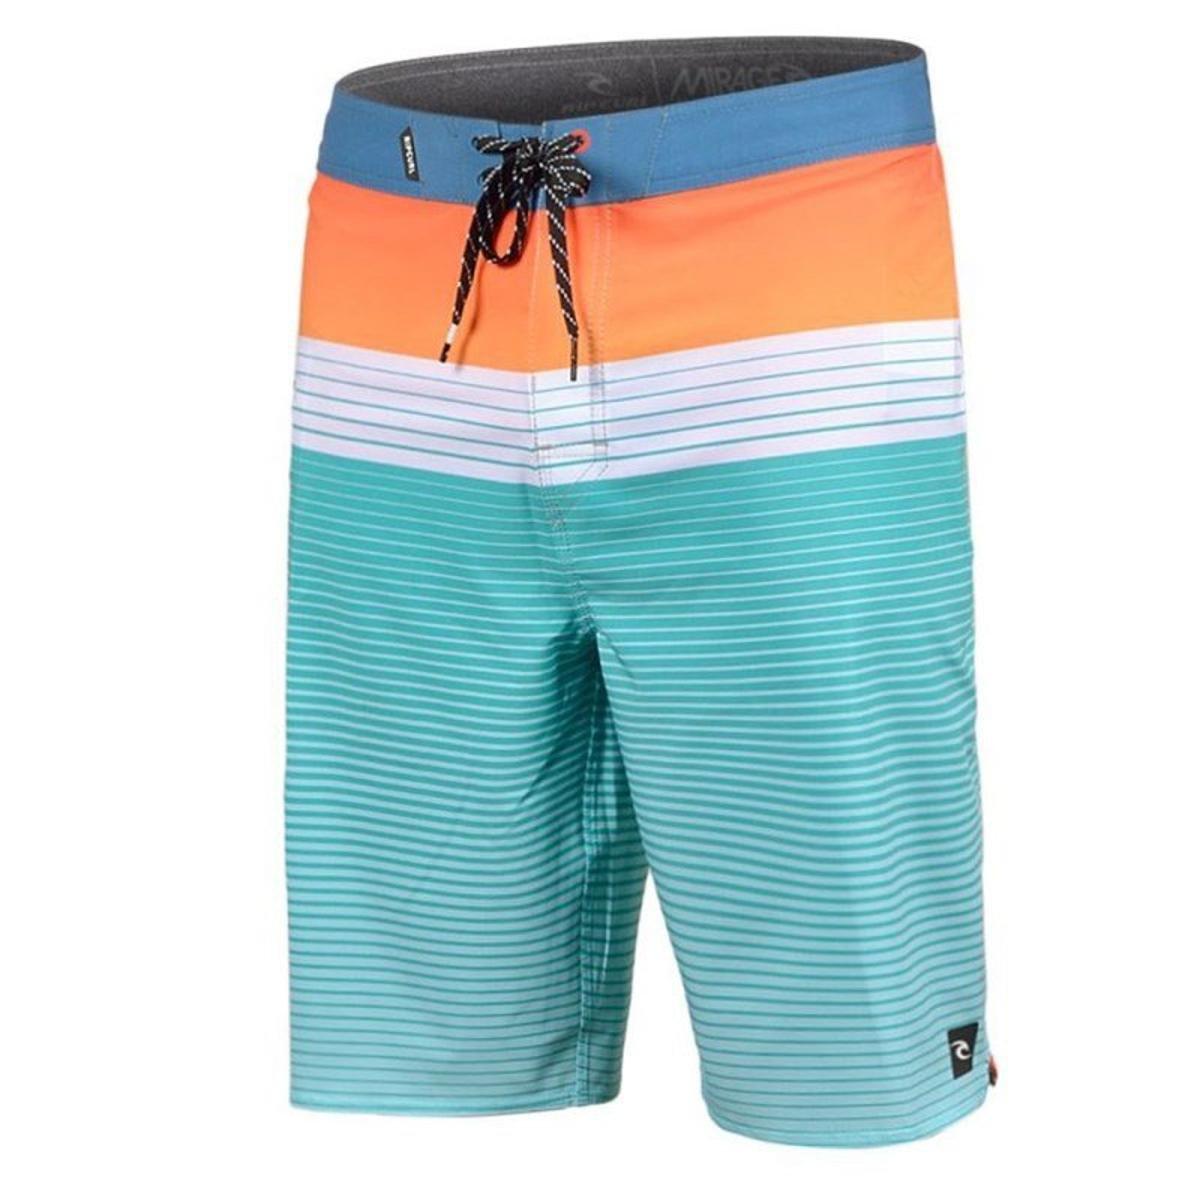 f396ebd5273b1 Bermuda Água Rip Curl Mirage Gabriel Medina Edge Masculina - Verde e  laranja - Compre Agora